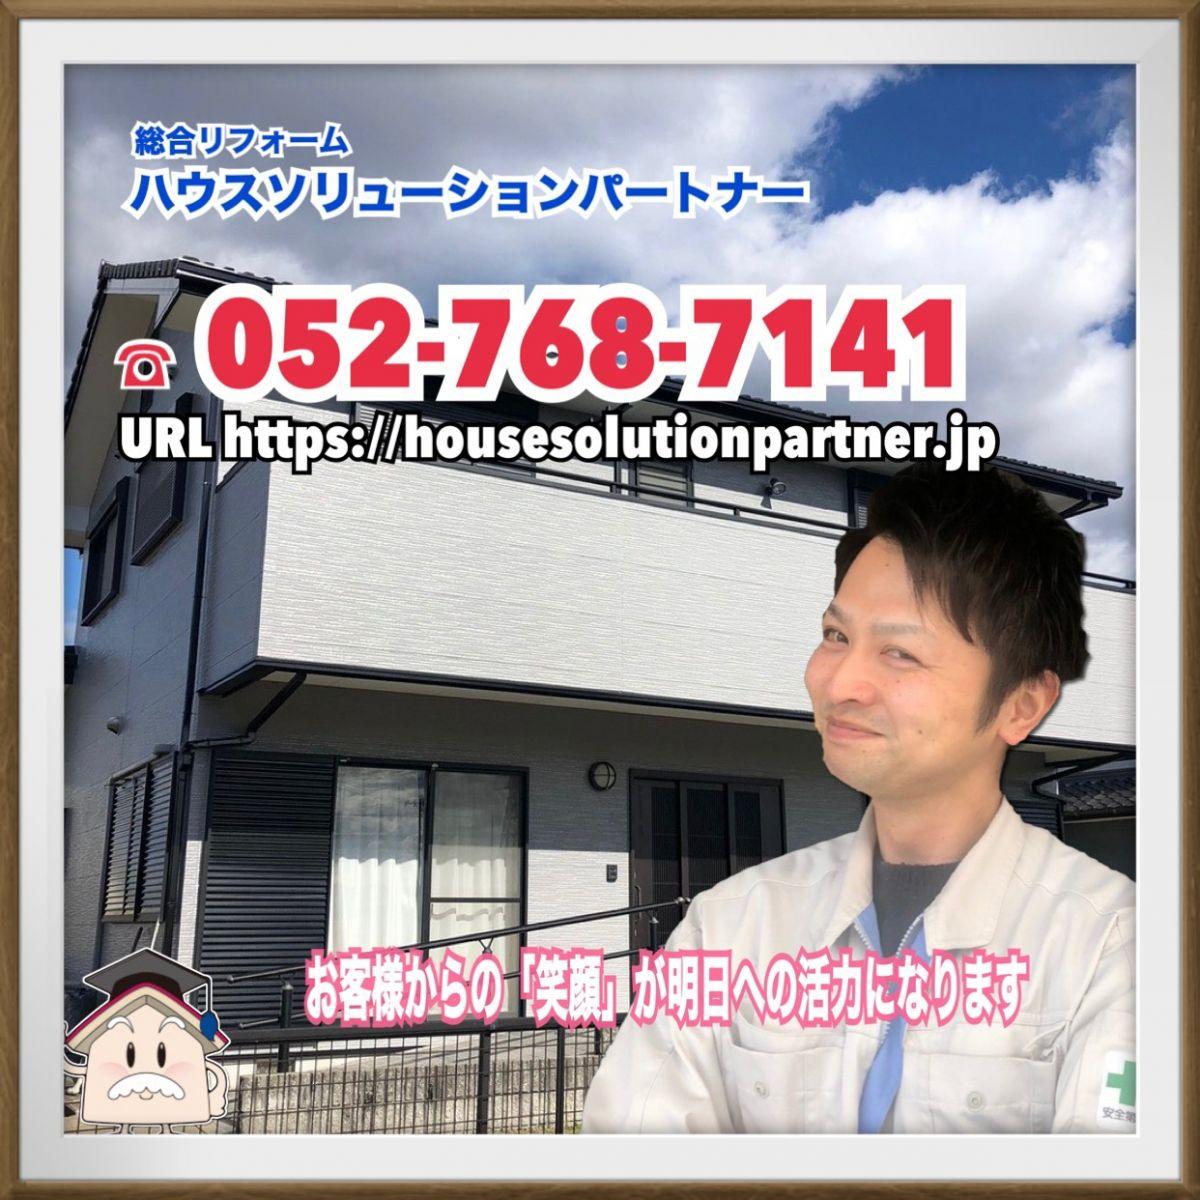 jirei_image53569